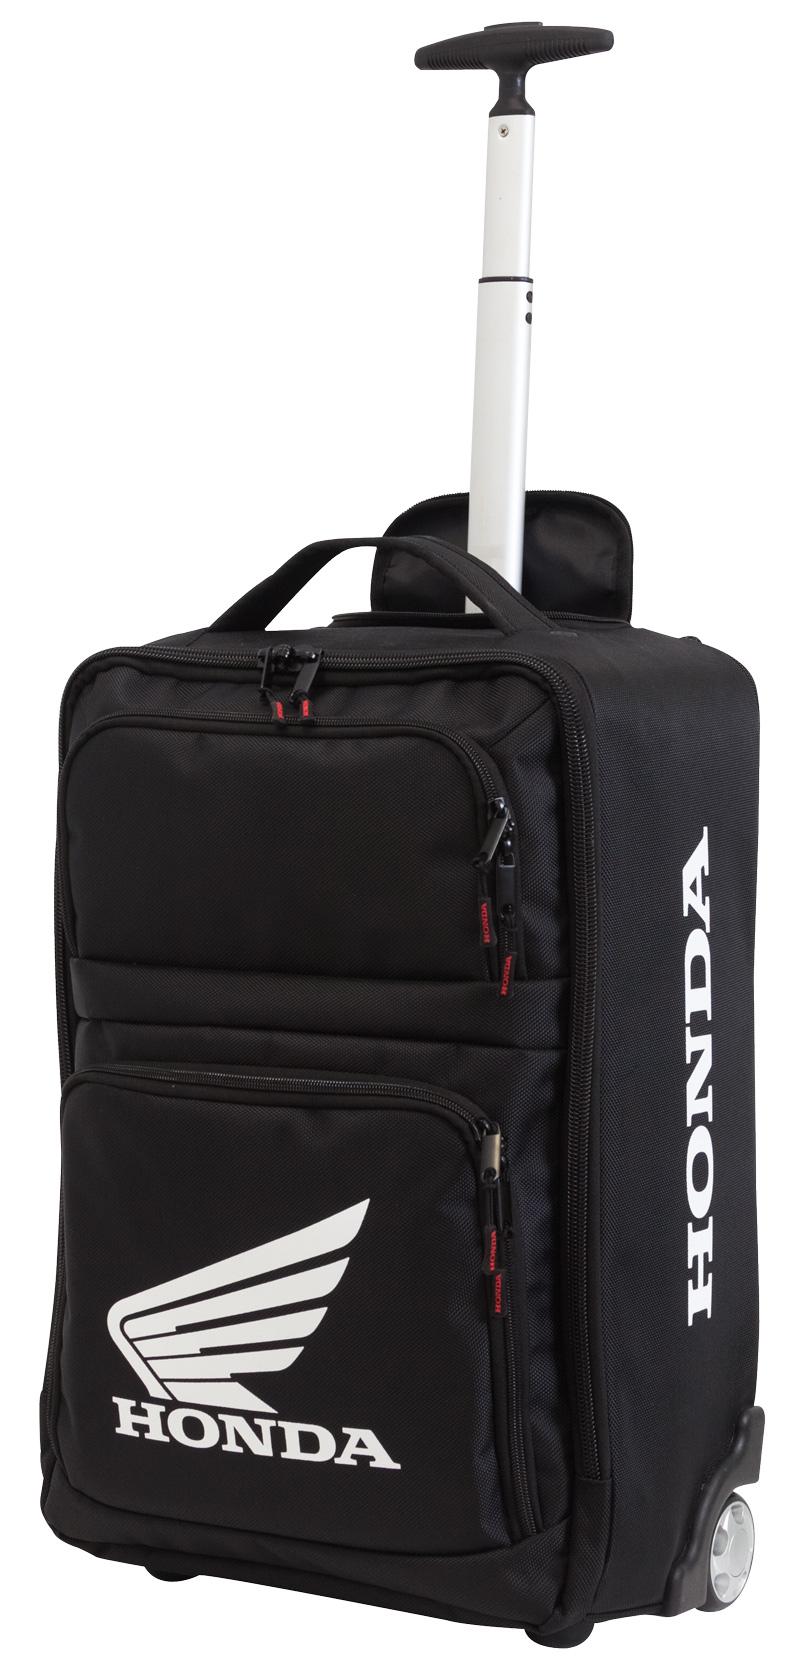 Honda Travel Bag